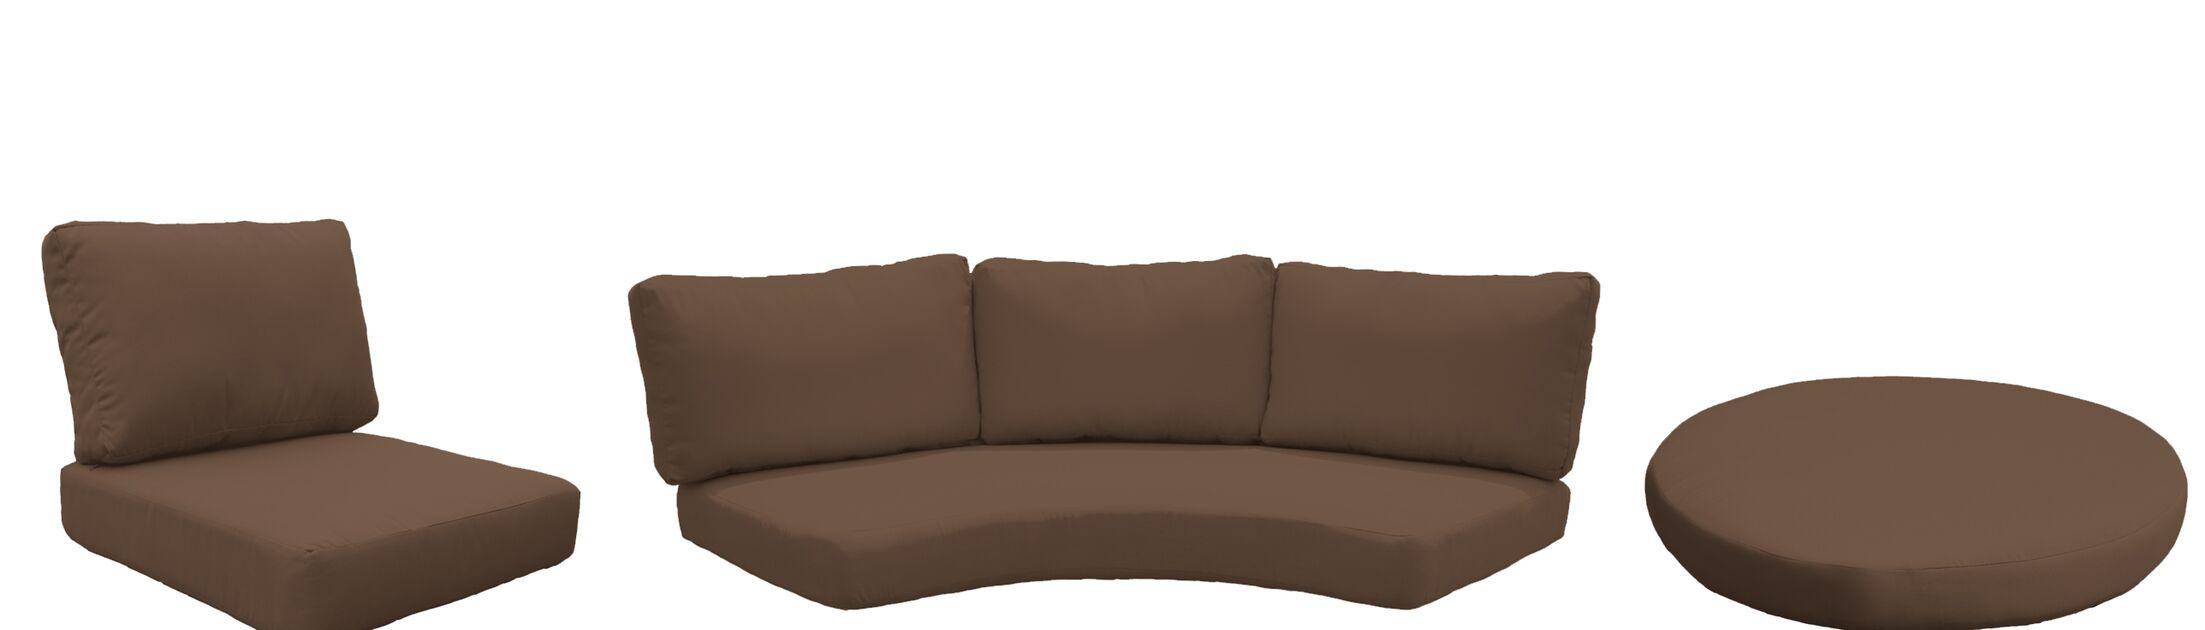 Barbados 15 Piece Outdoor Cushion Set Fabric: Cocoa